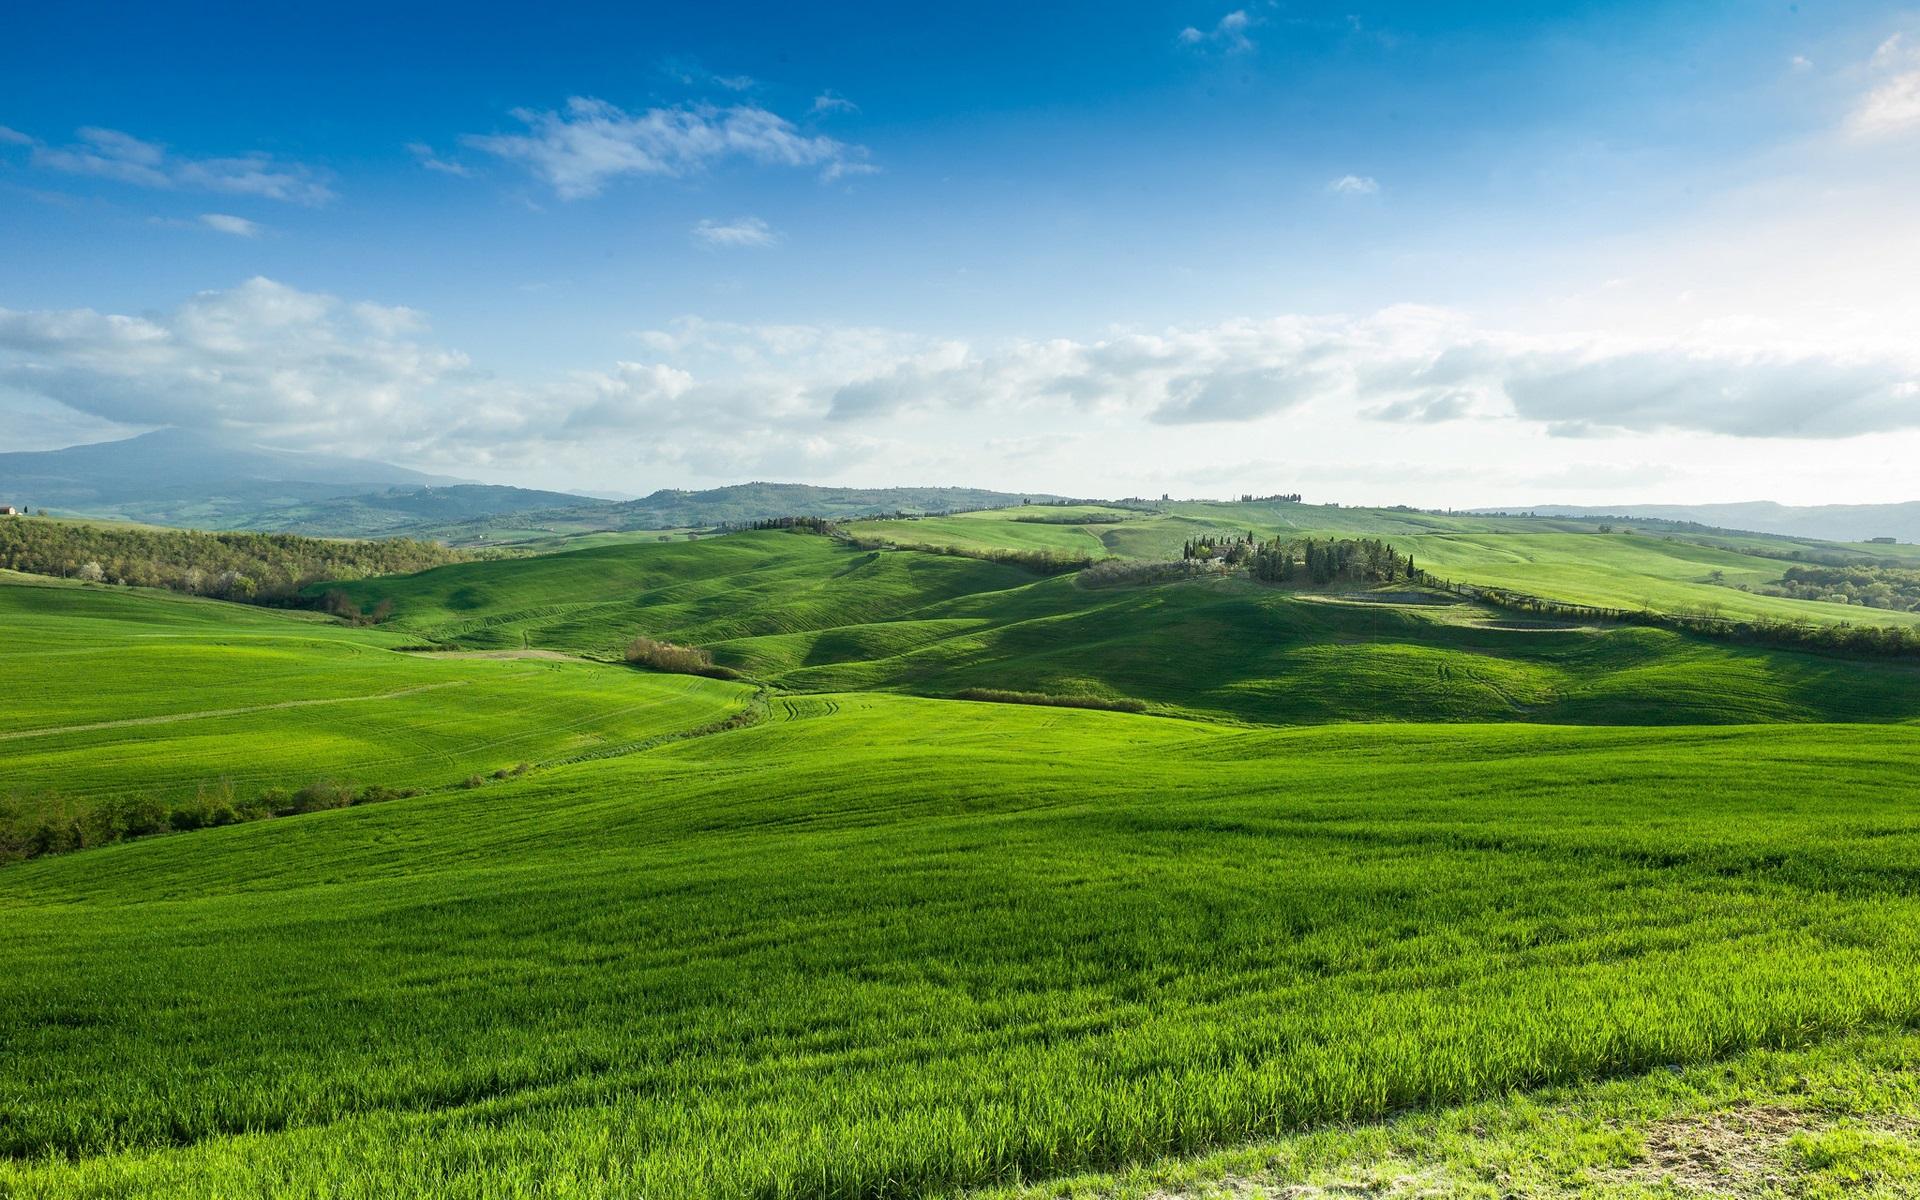 зеленый лес зеленое поле картинки кабине